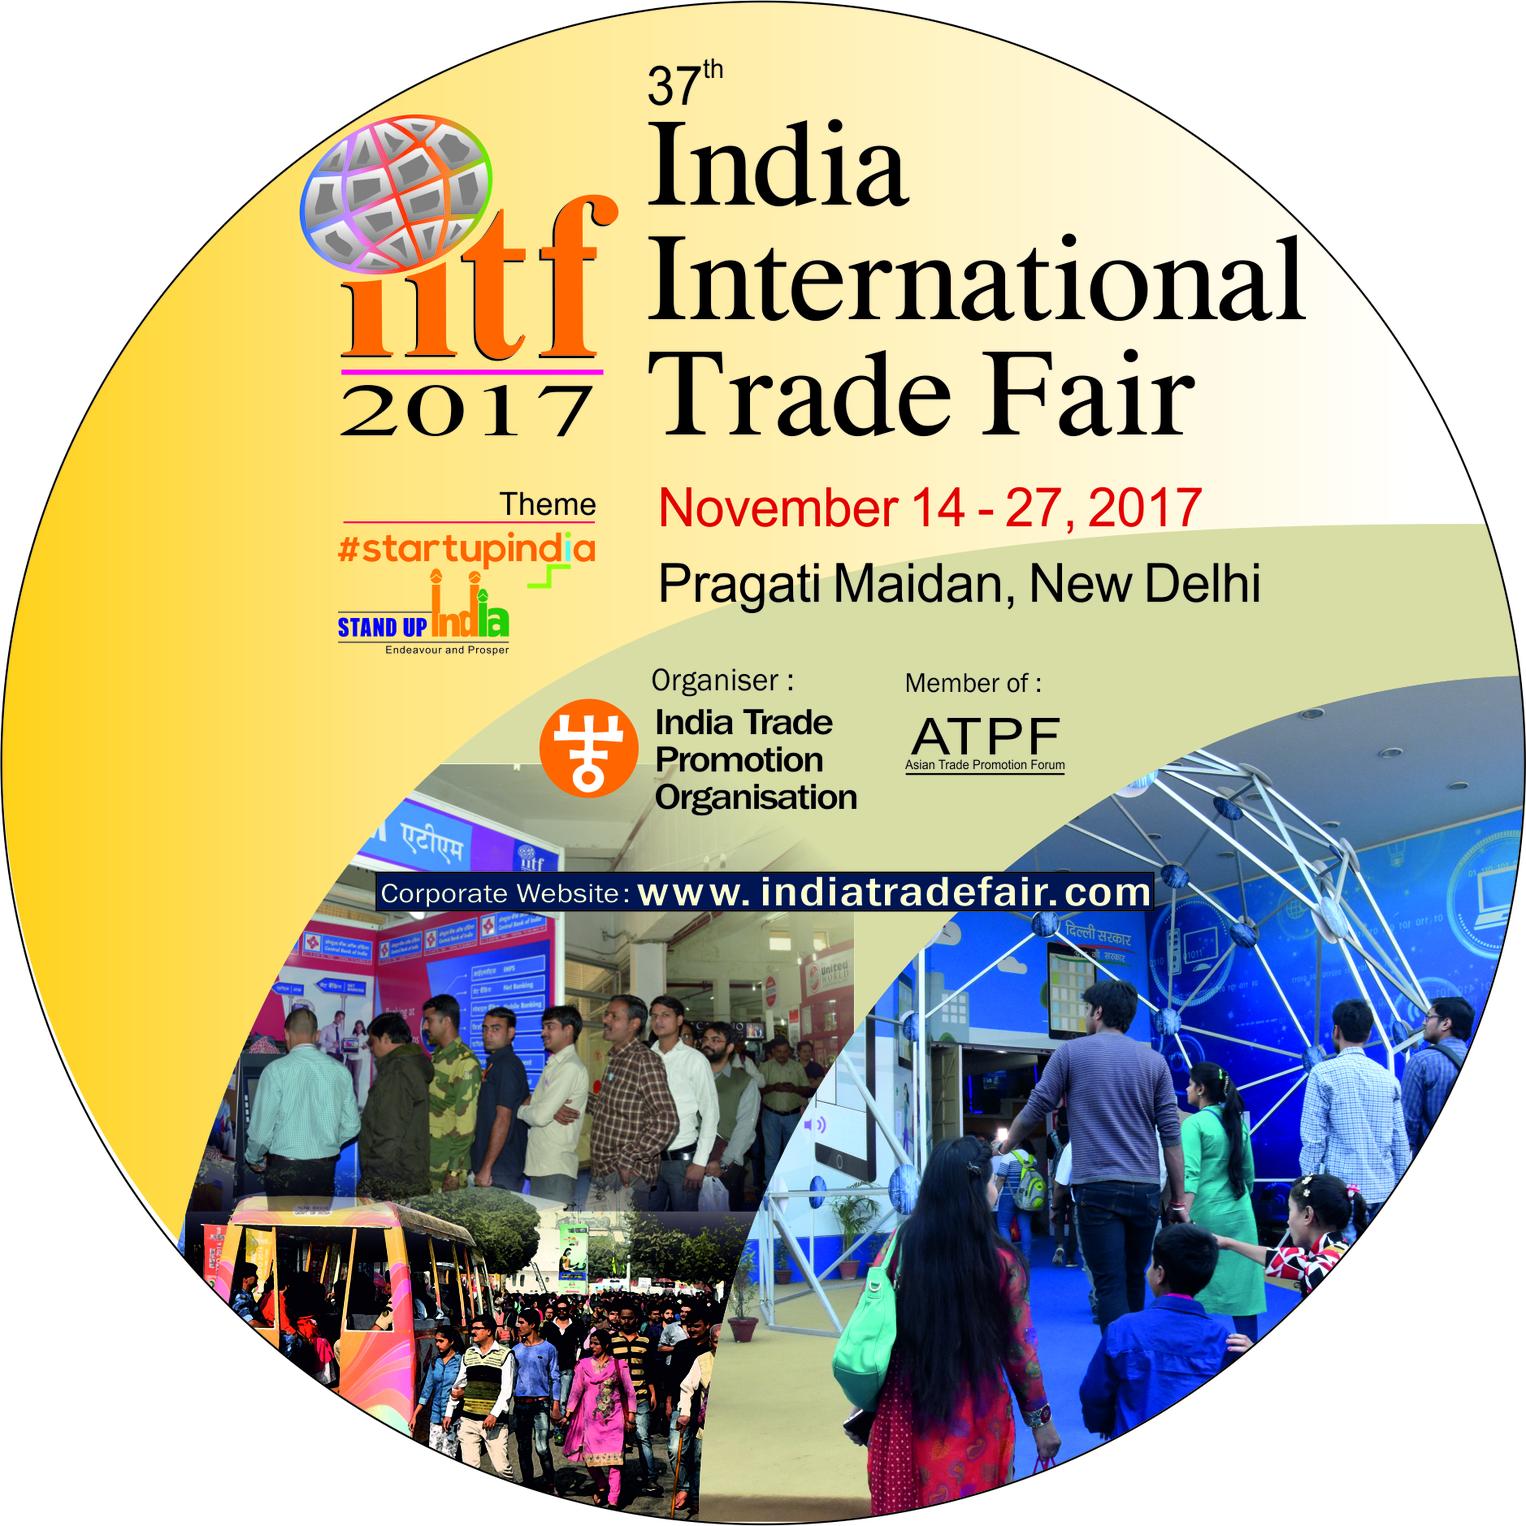 نمایشگاه تجارت بین المللی INDIA-IITF